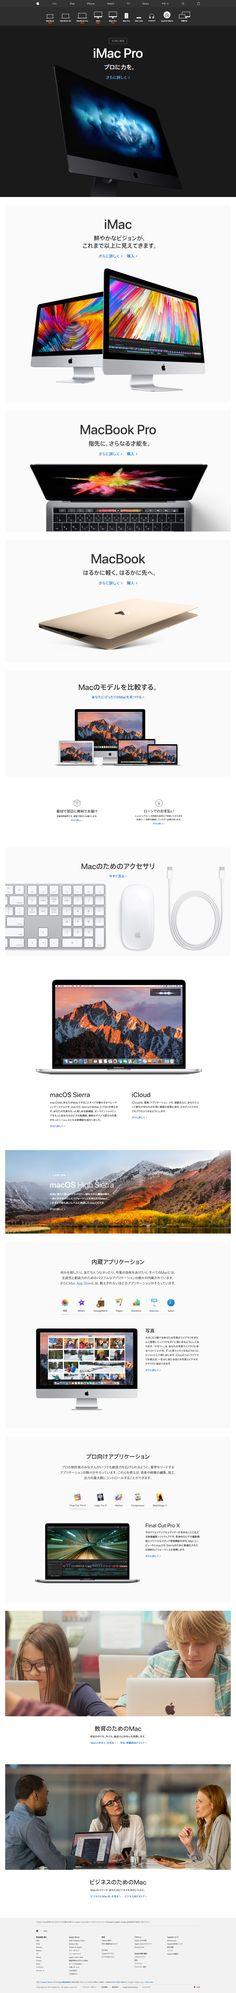 Mac|WEBデザイナーさん必見!ランディングページのデザイン参考に(シンプル系)